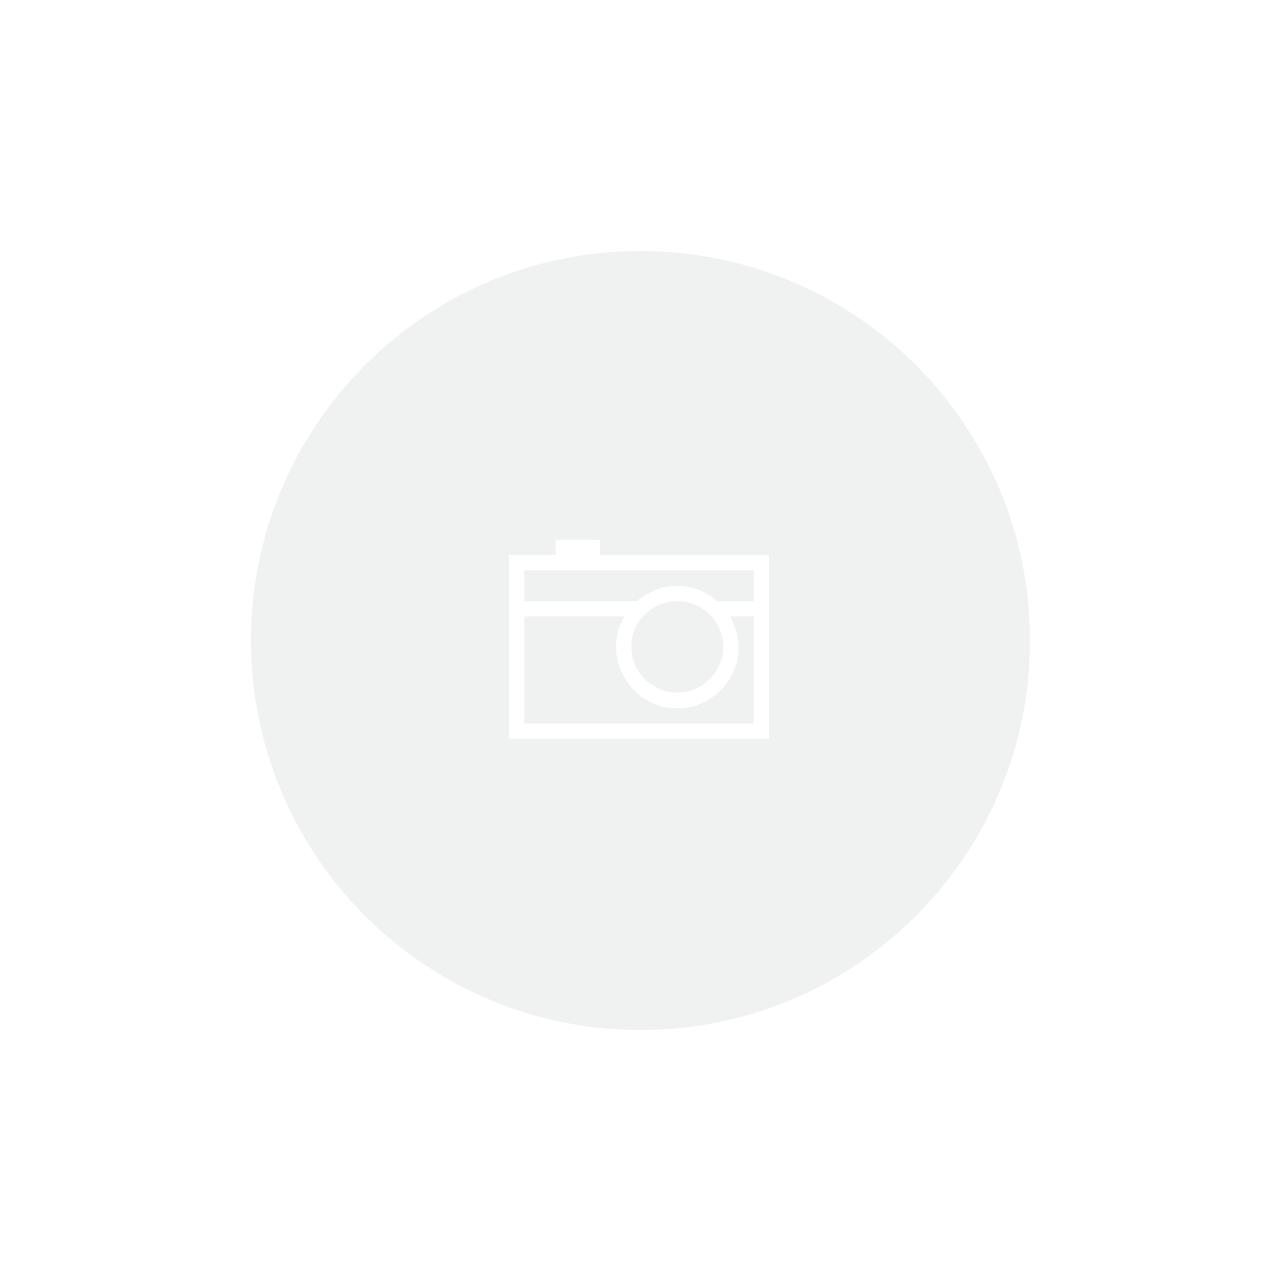 Placa Horizontal 4x2 - 2 módulos juntos